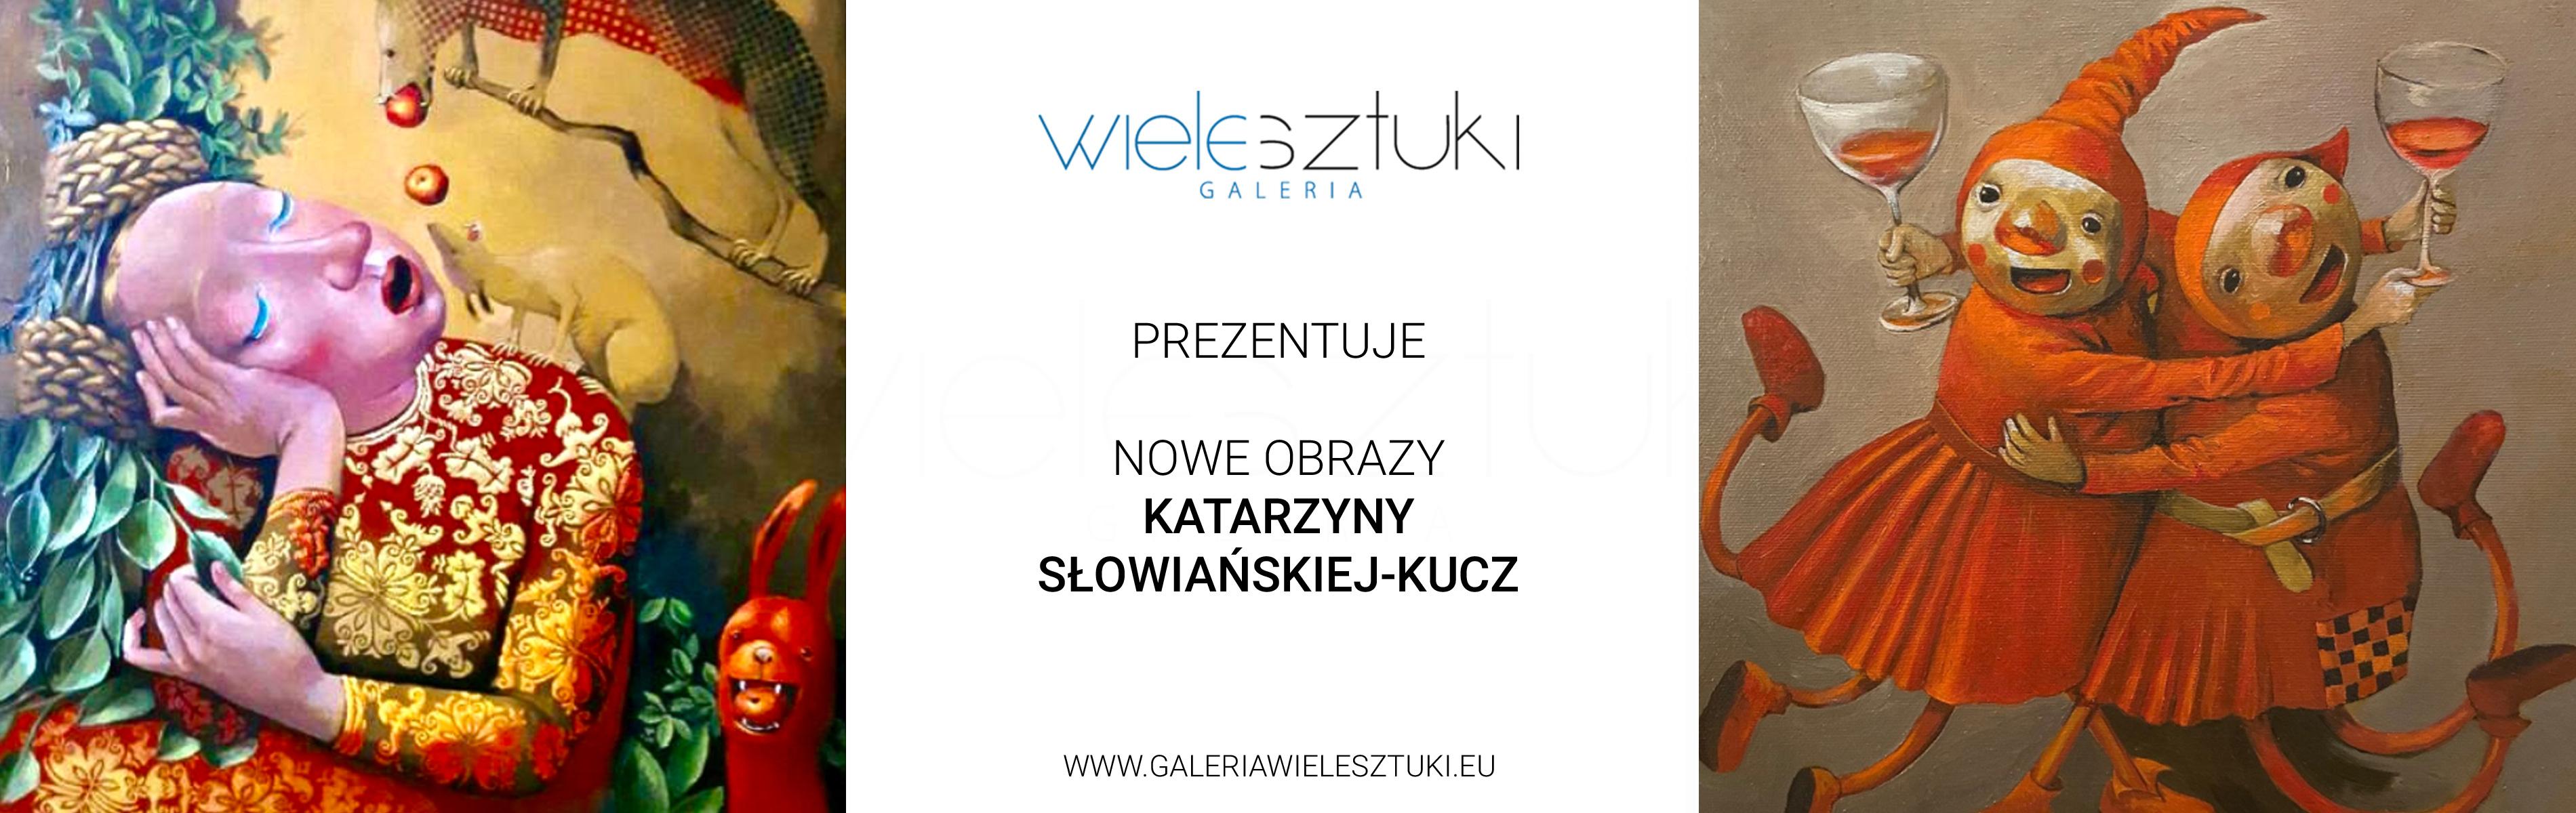 slowianska-kucz-galeria-wiele-sztuki-baner